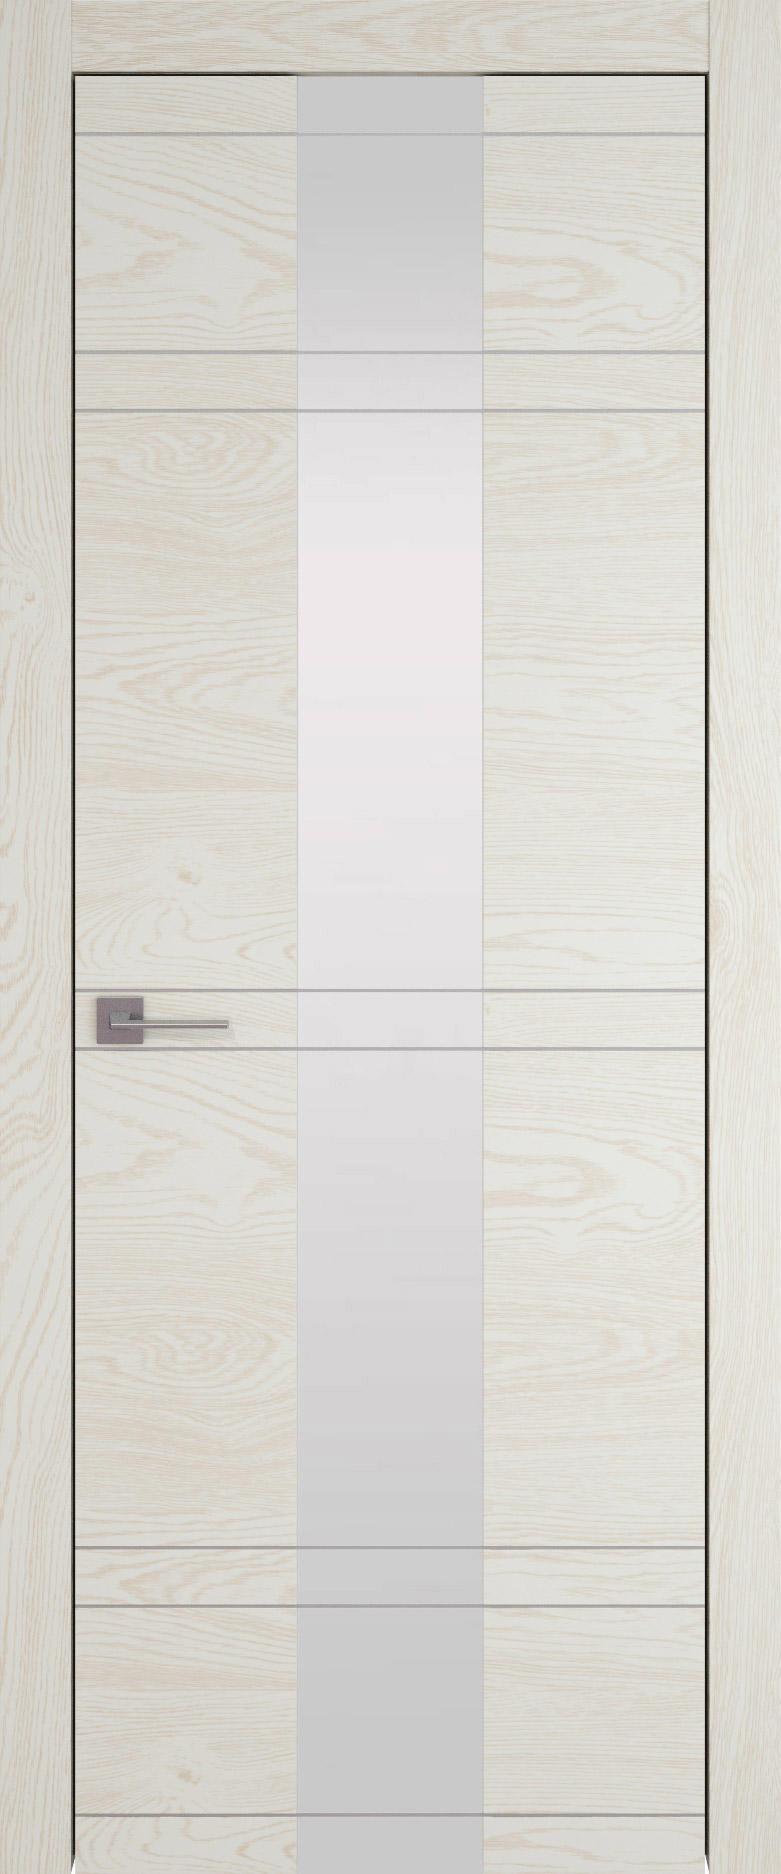 Tivoli Ж-4 цвет - Бежевый ясень Со стеклом (ДО)